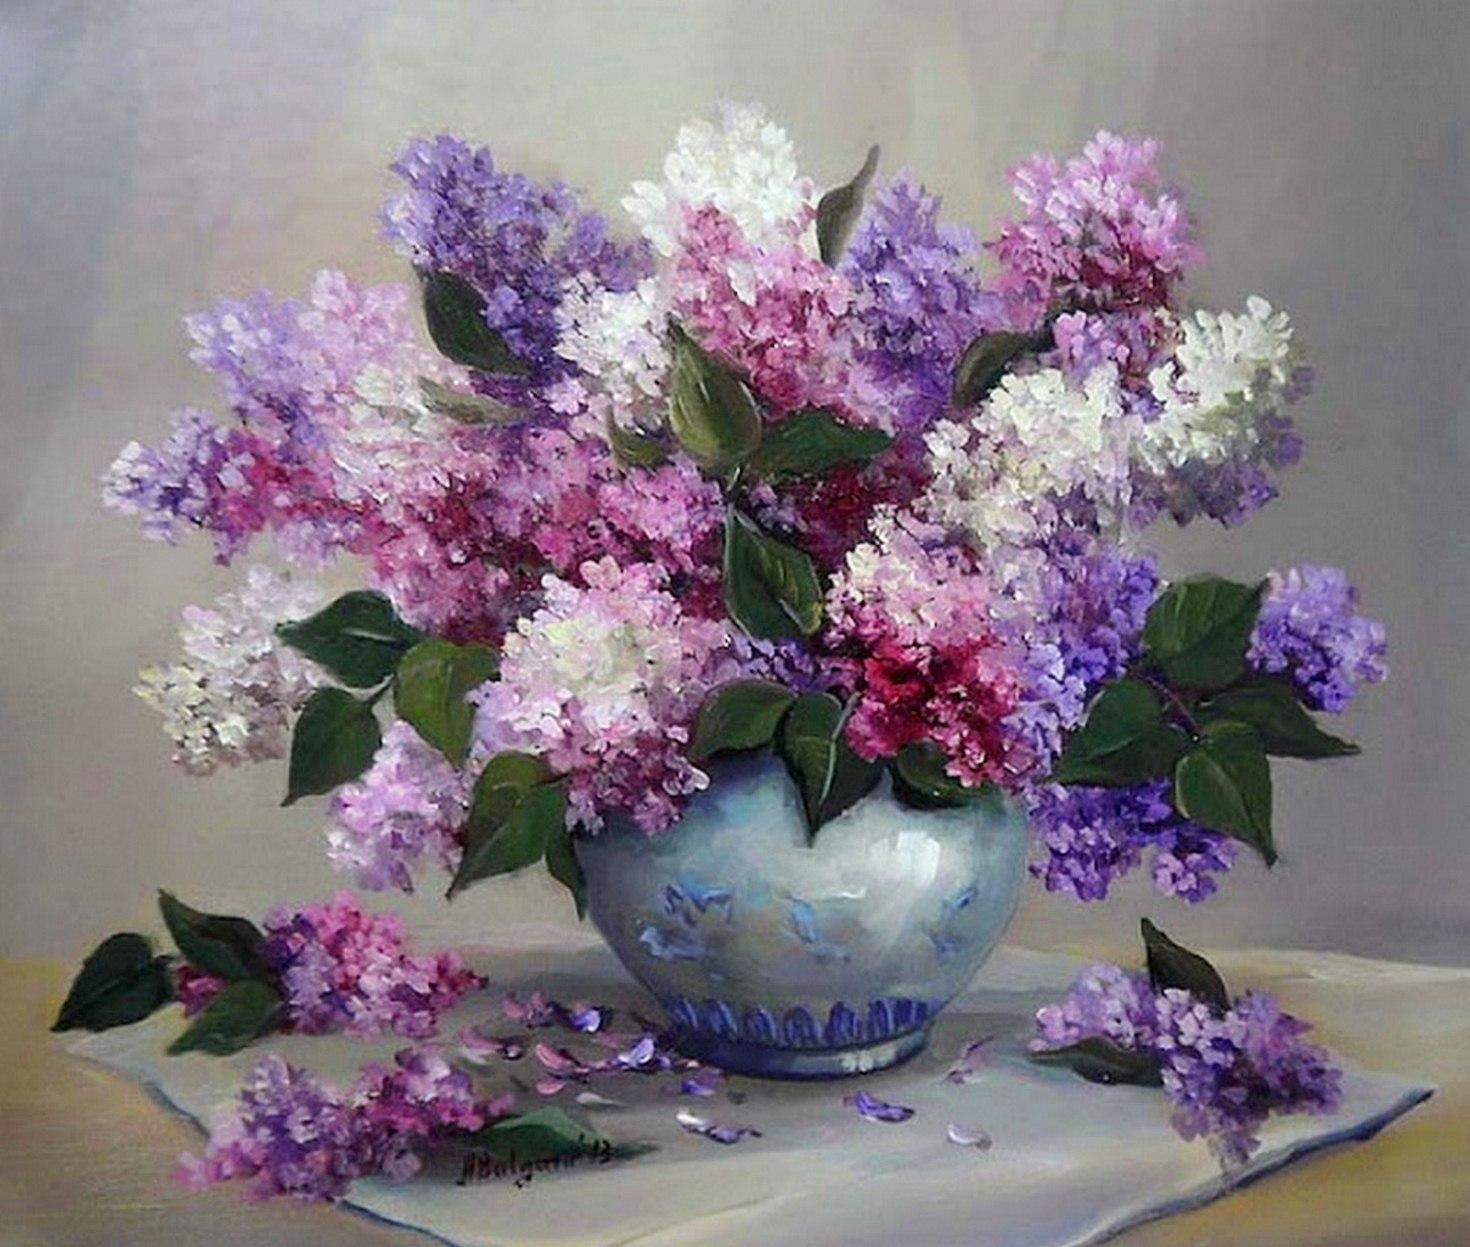 Cuadros, pinturas, oleos: Pinturas de Jarrones de Flores